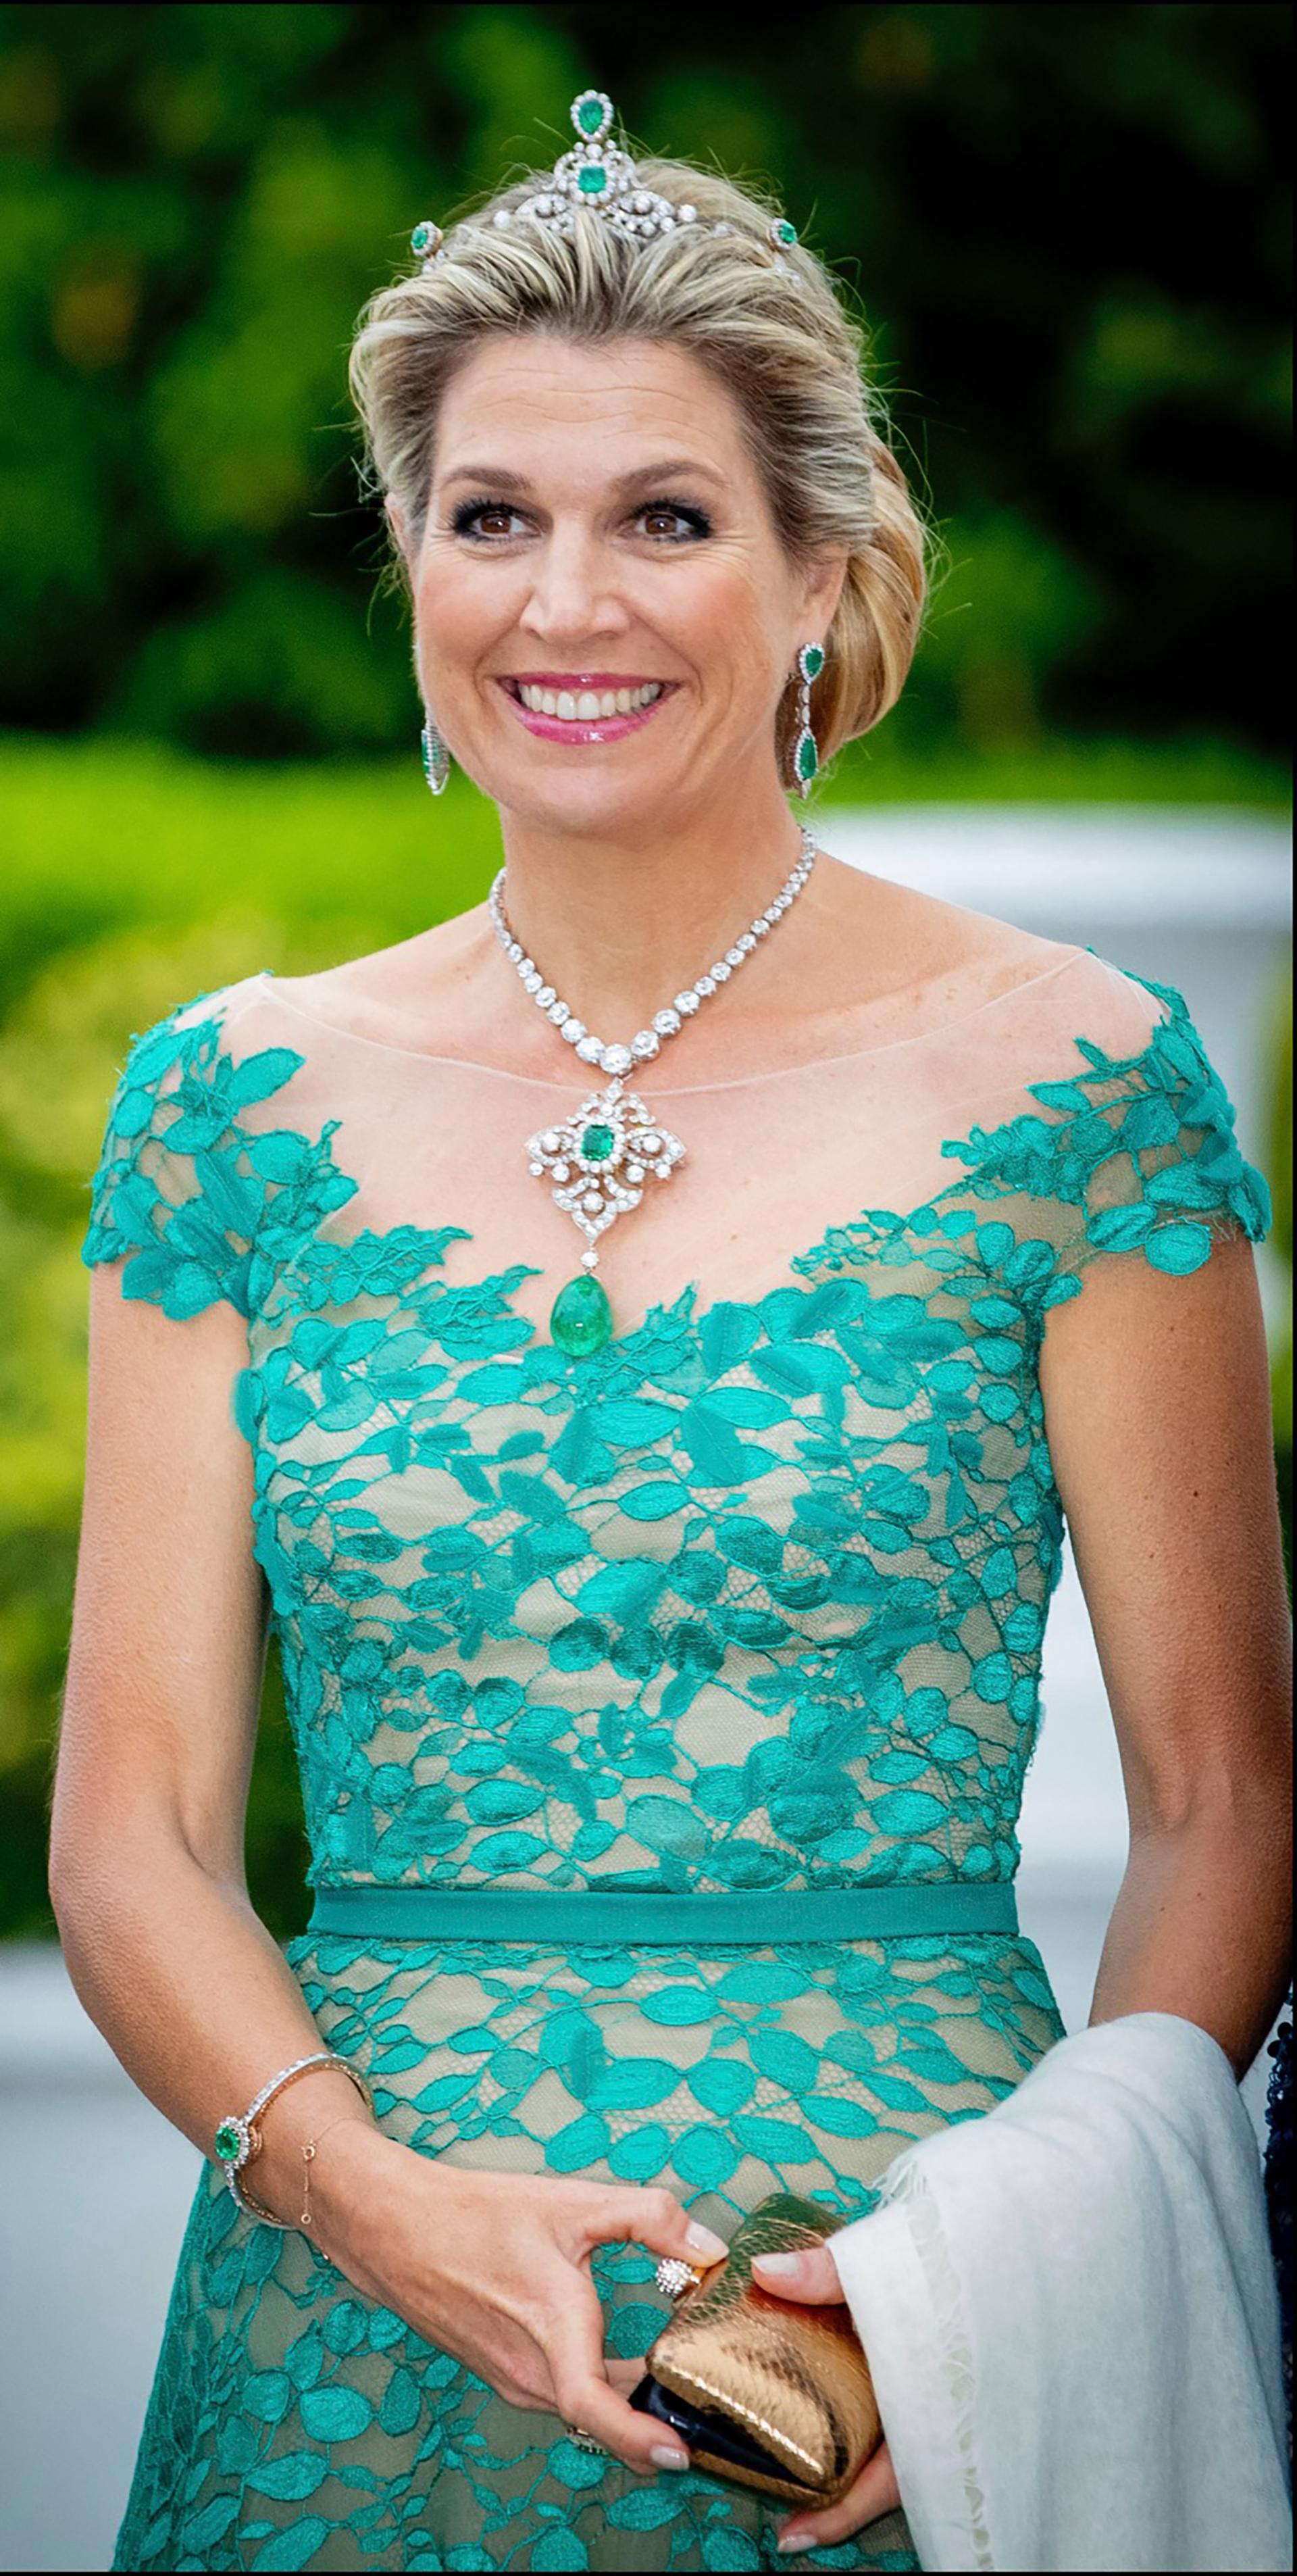 Combinó el look con joyas con esmeraldas y diamentes de la colección real.